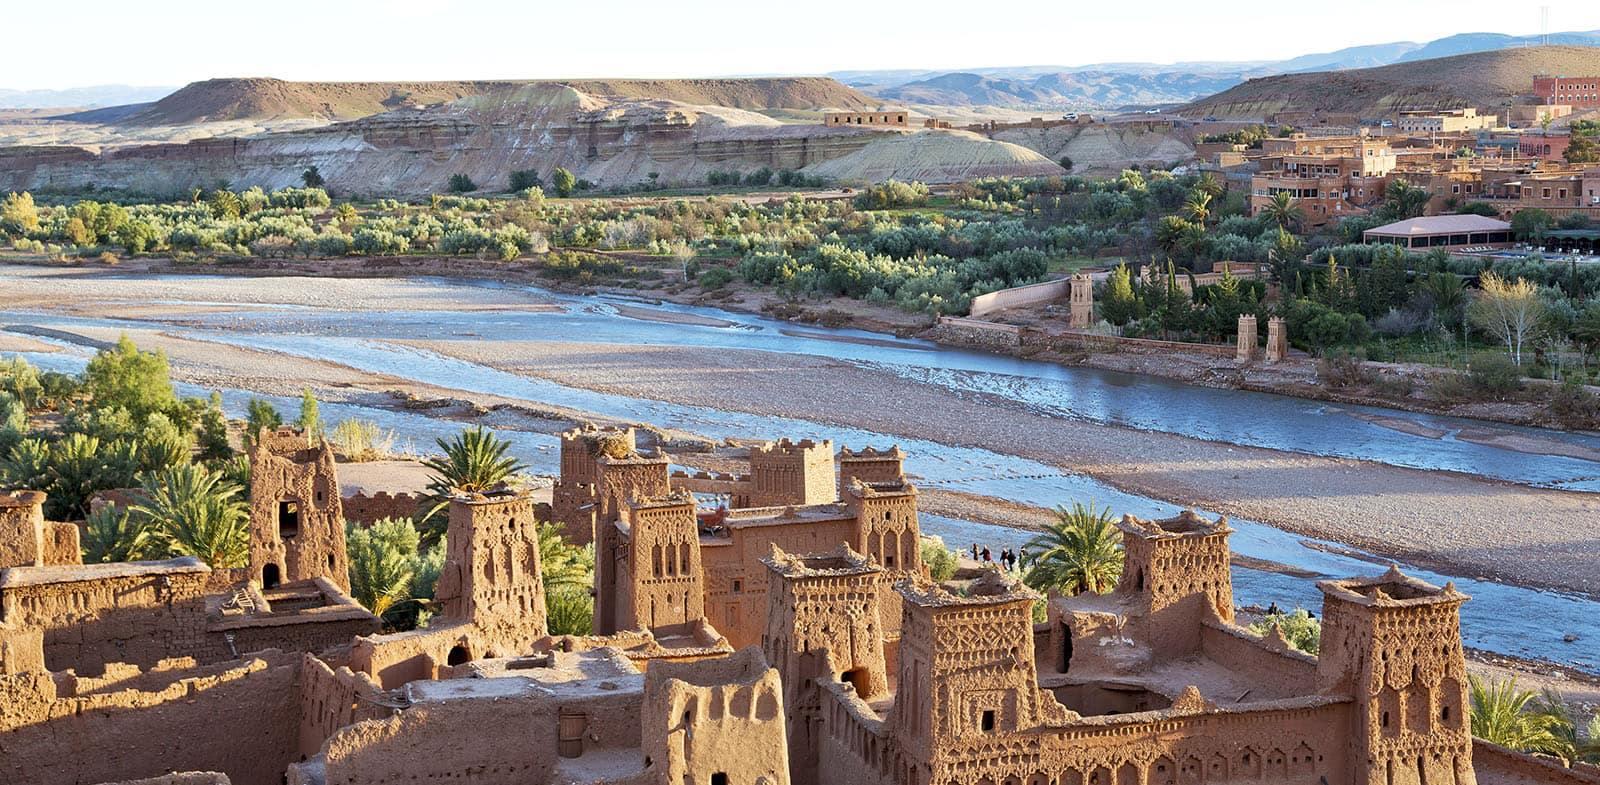 pohled na město v Maroku